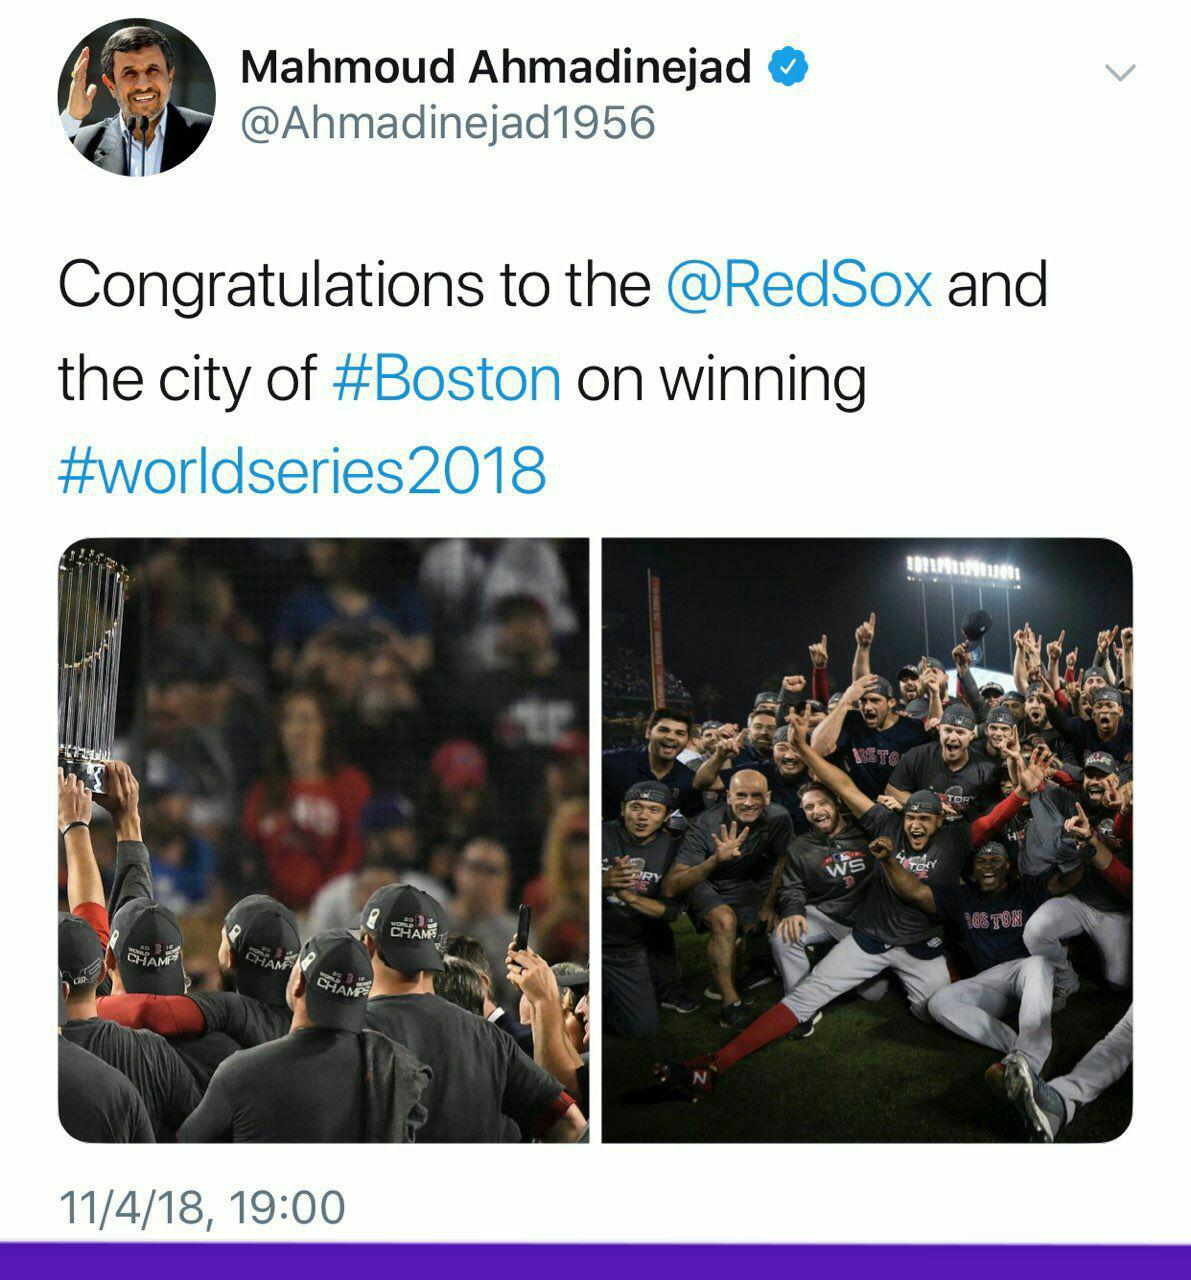 تبریک به تیم بیسبال رد ساکس و شهر بوستون آمریکا!